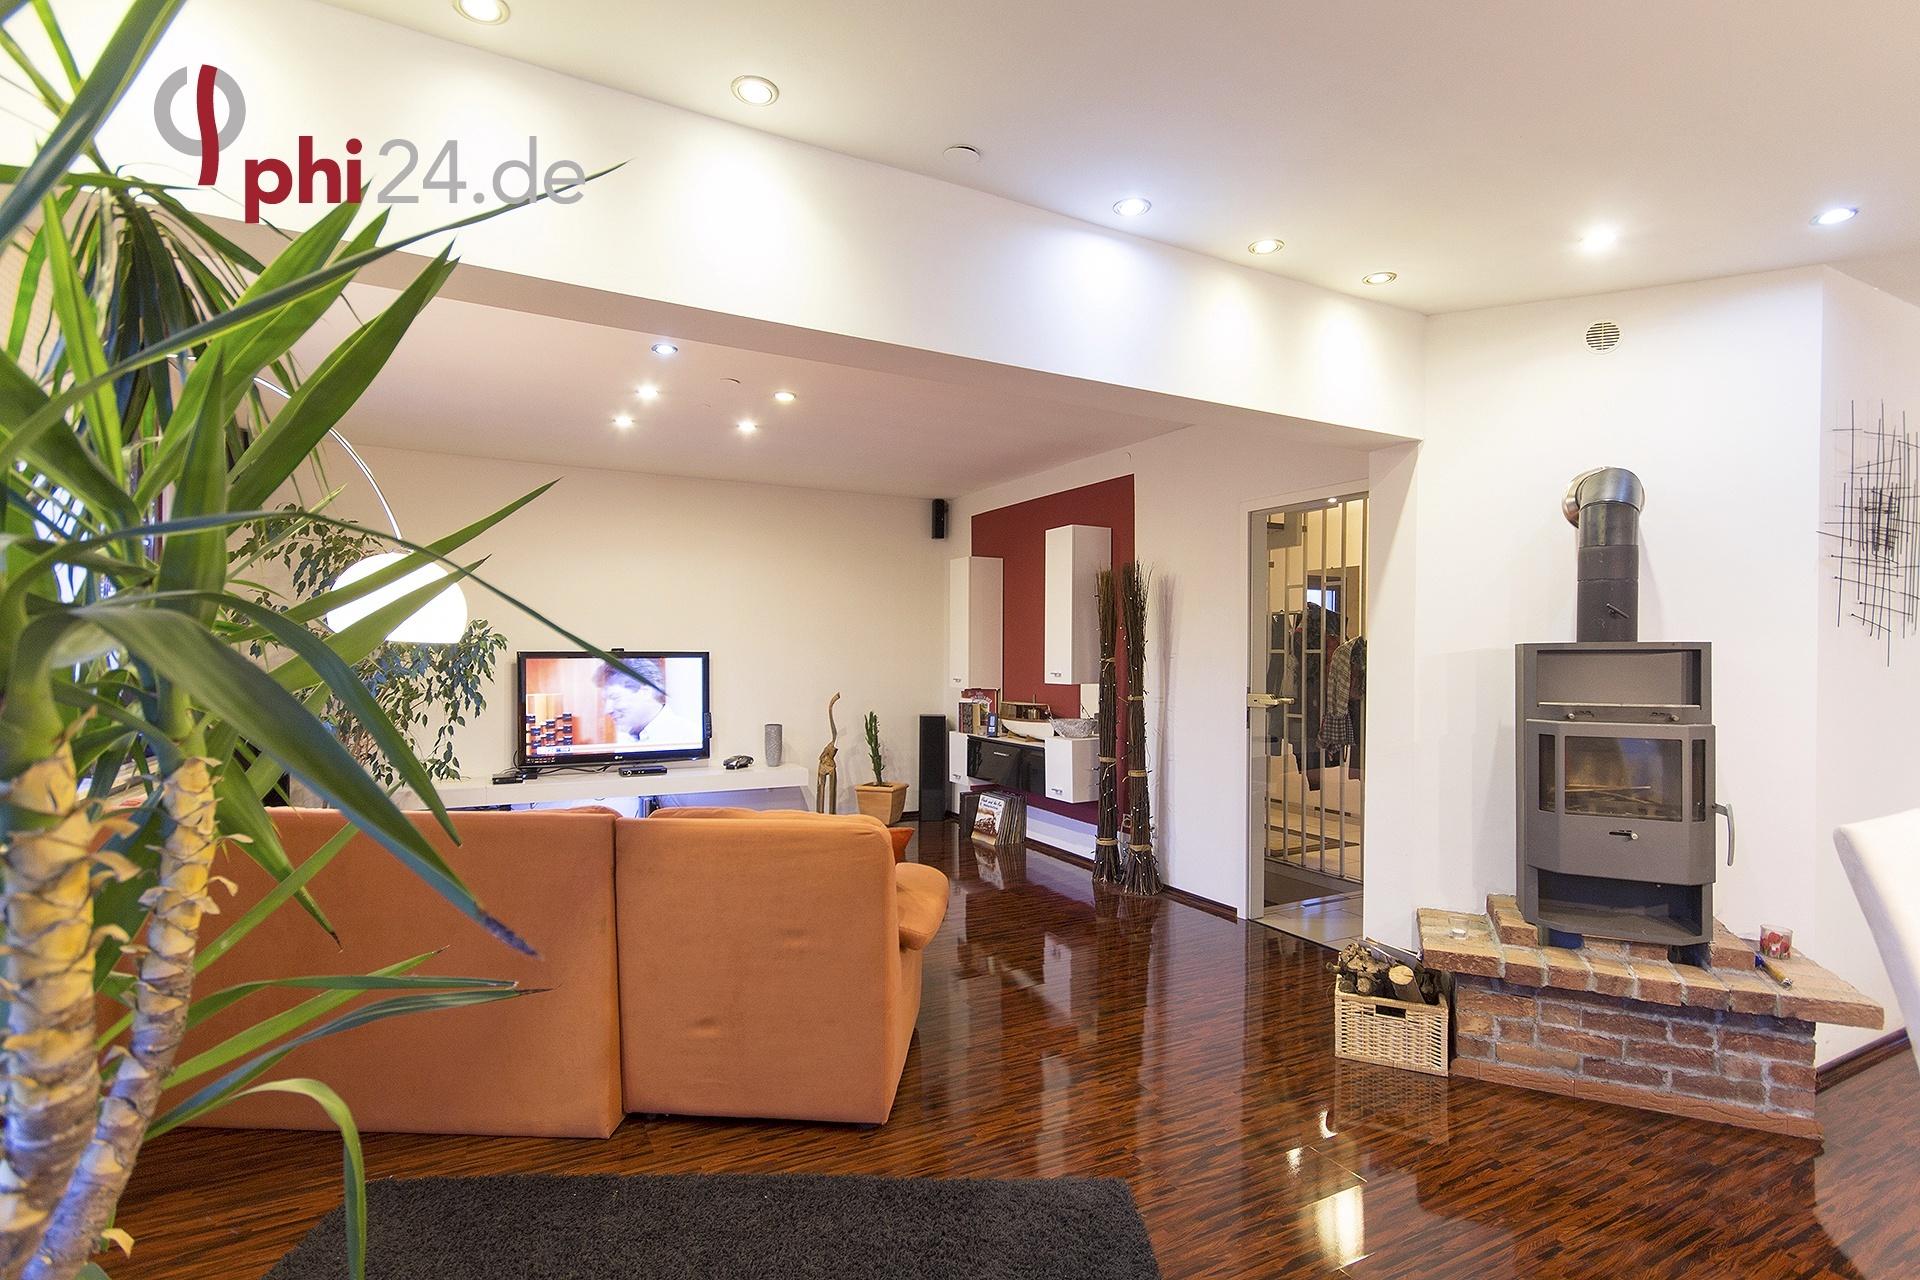 Immobilienmakler Elsdorf Einfamilienhaus referenzen mit Immobilienbewertung